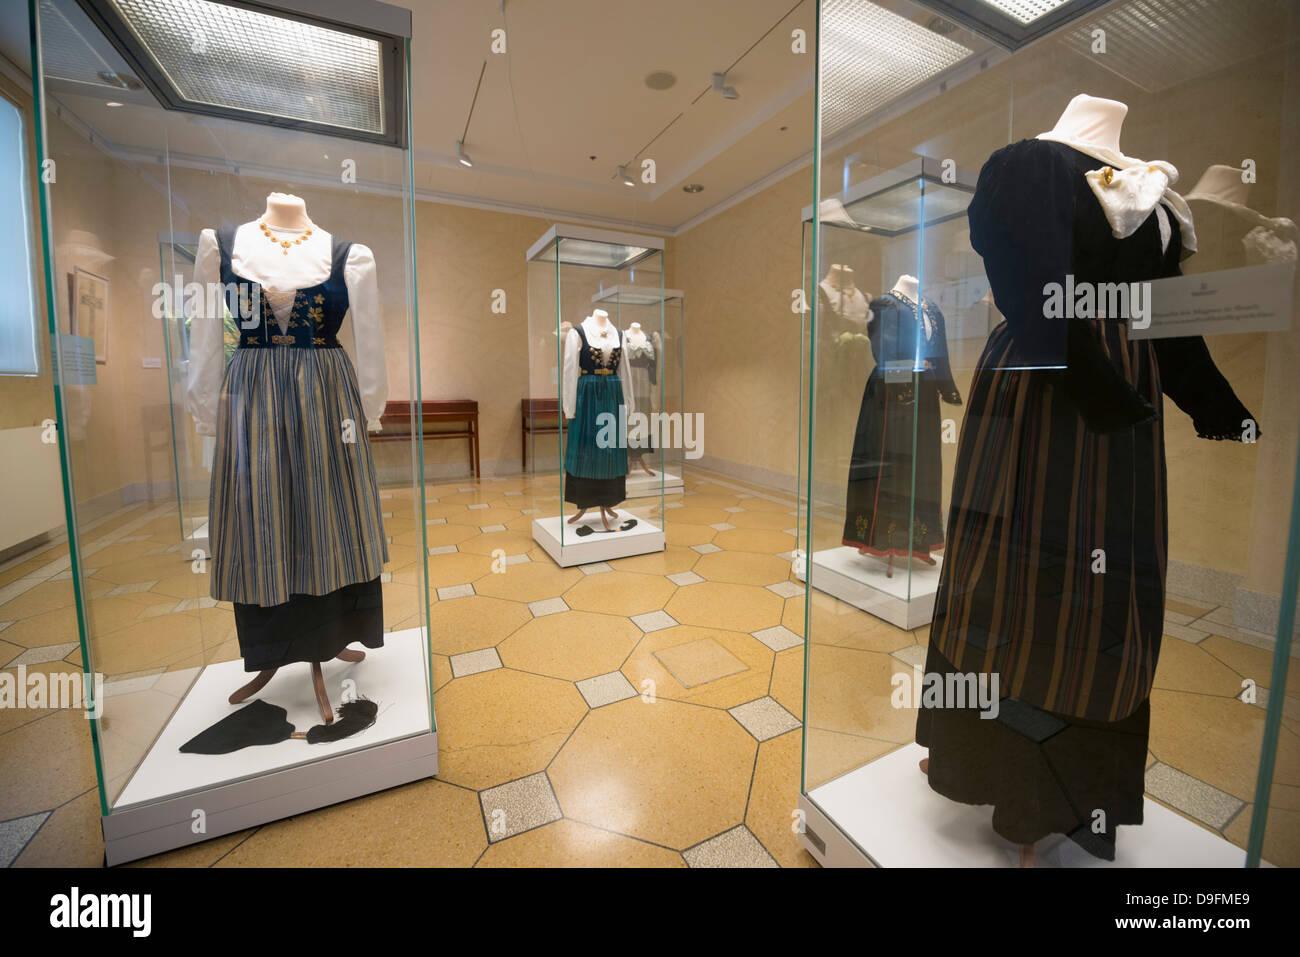 Visualizzazione di abbigliamento tradizionale, Museo Nazionale, Reykjavik, Islanda, regioni polari Immagini Stock